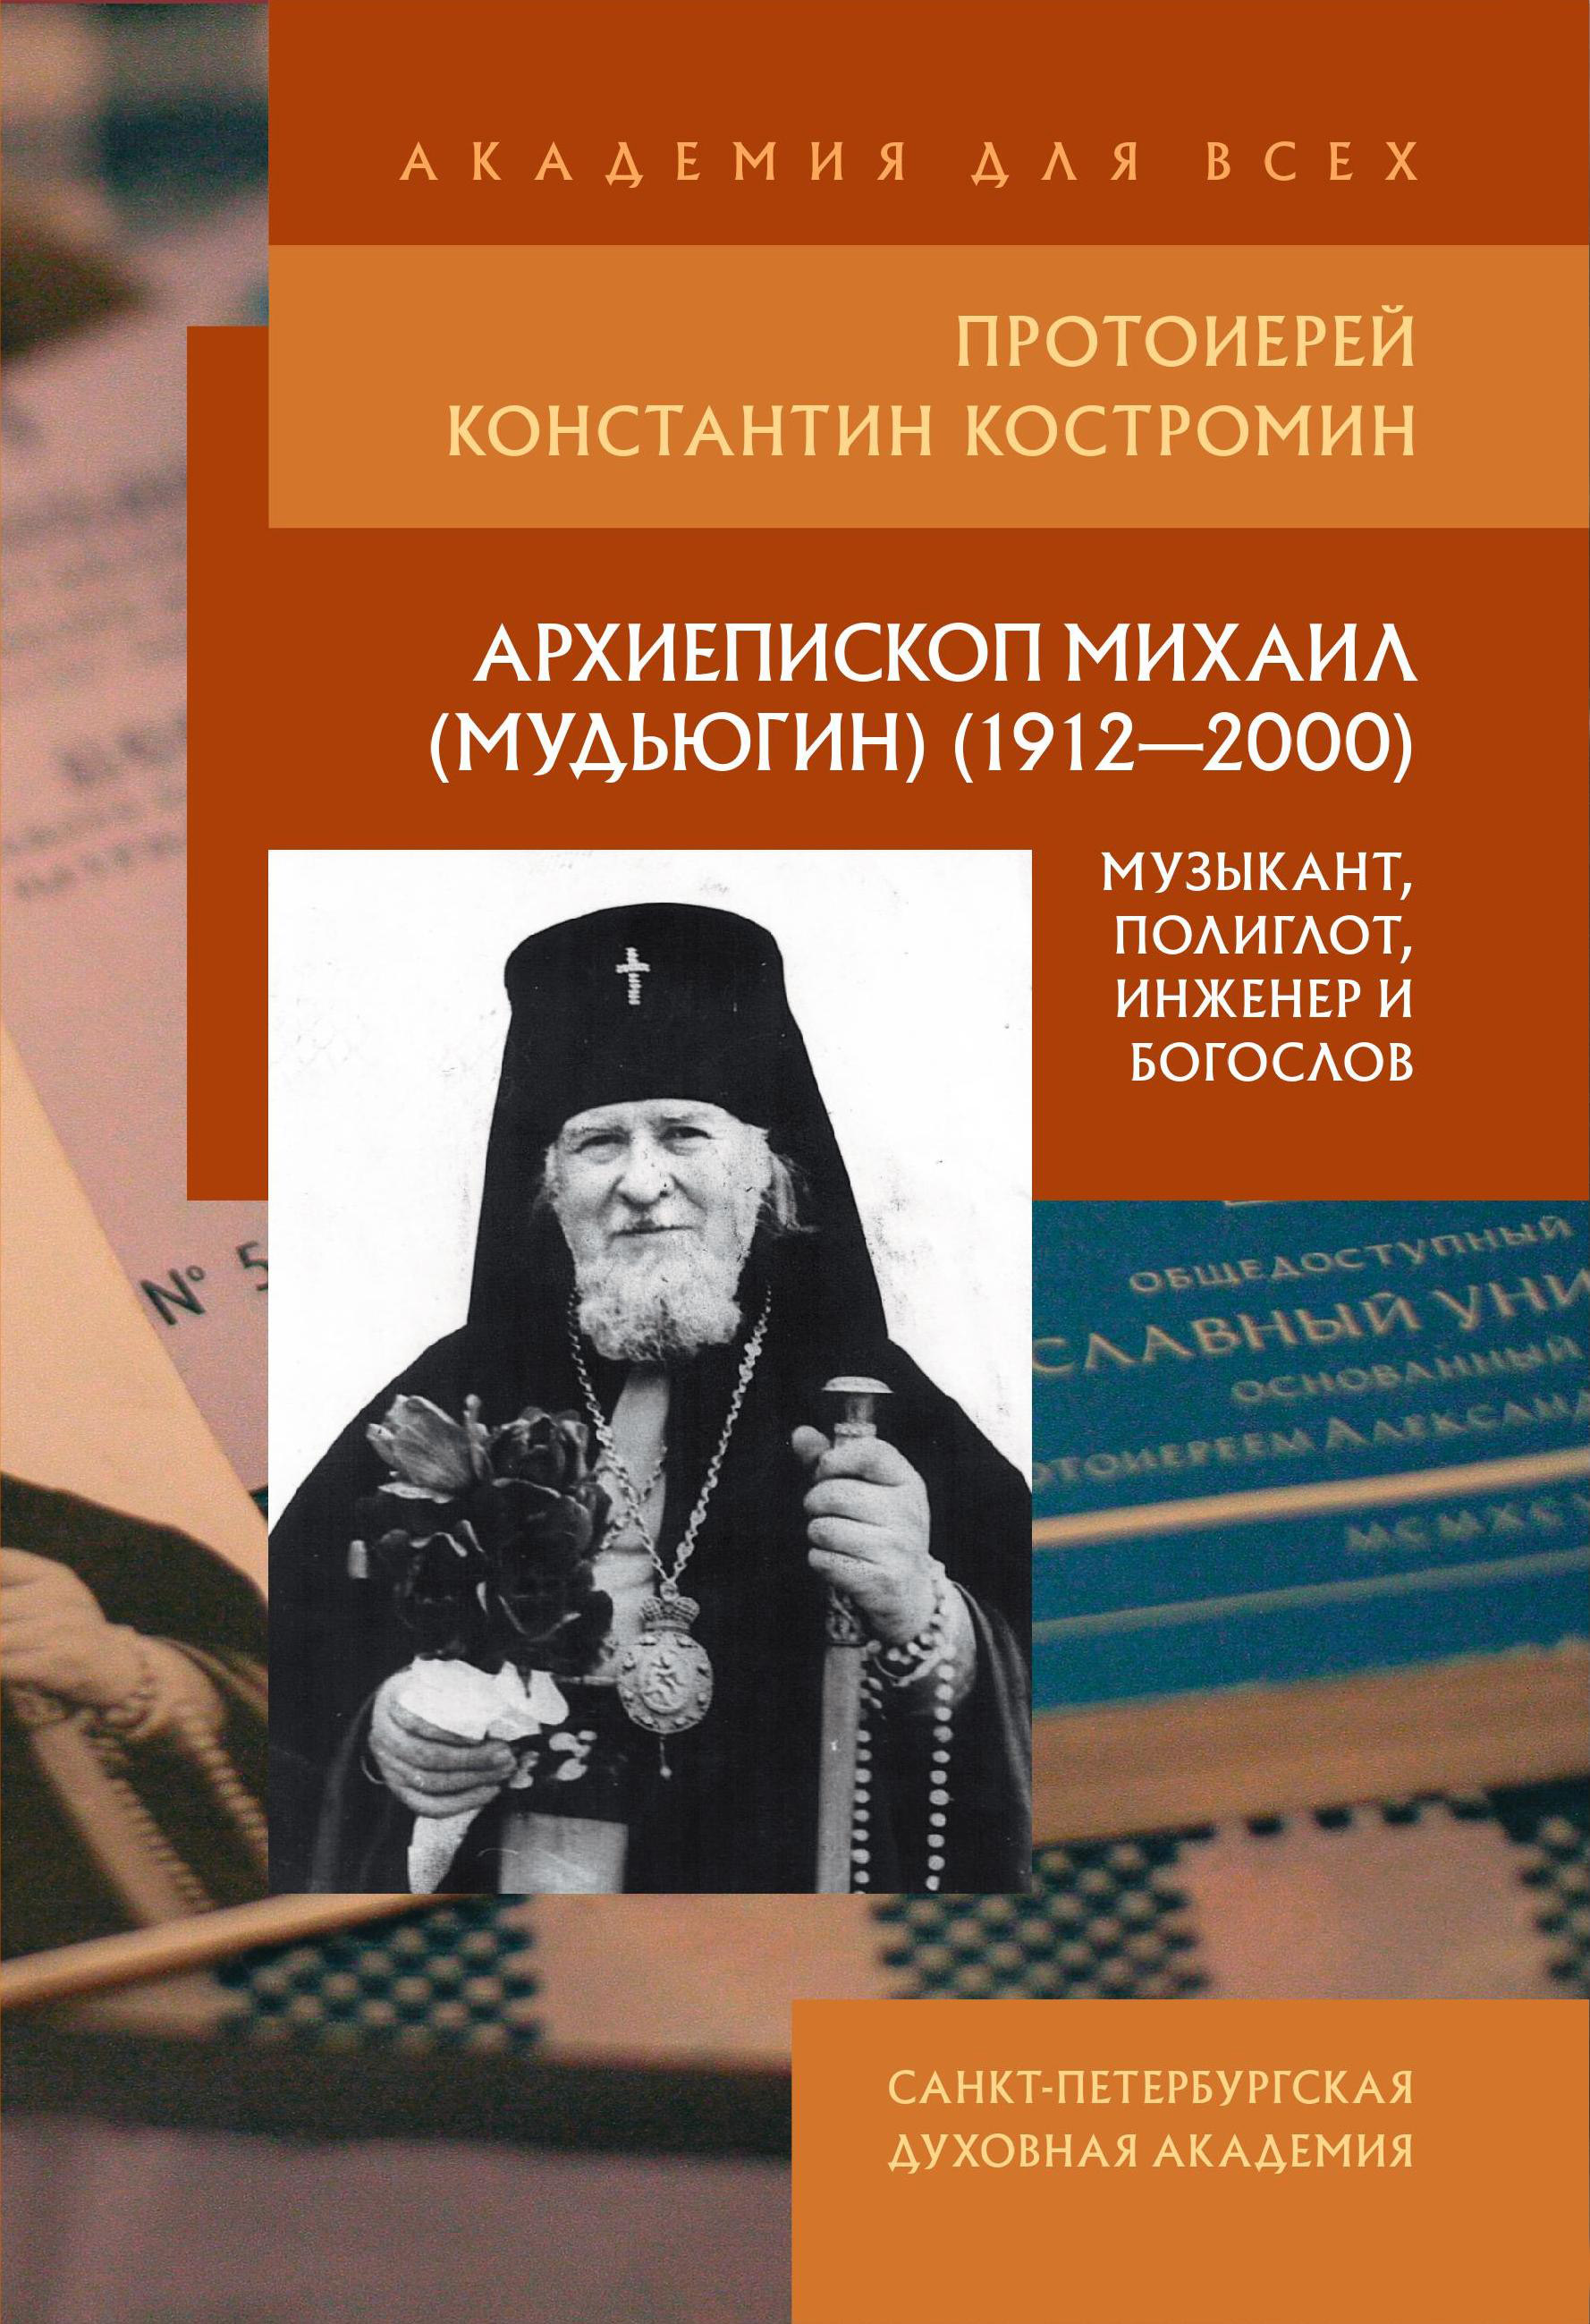 Архиепископ Михаил (Мудьюгин) (1912–2000): музыкант, полиглот, инженер и богослов